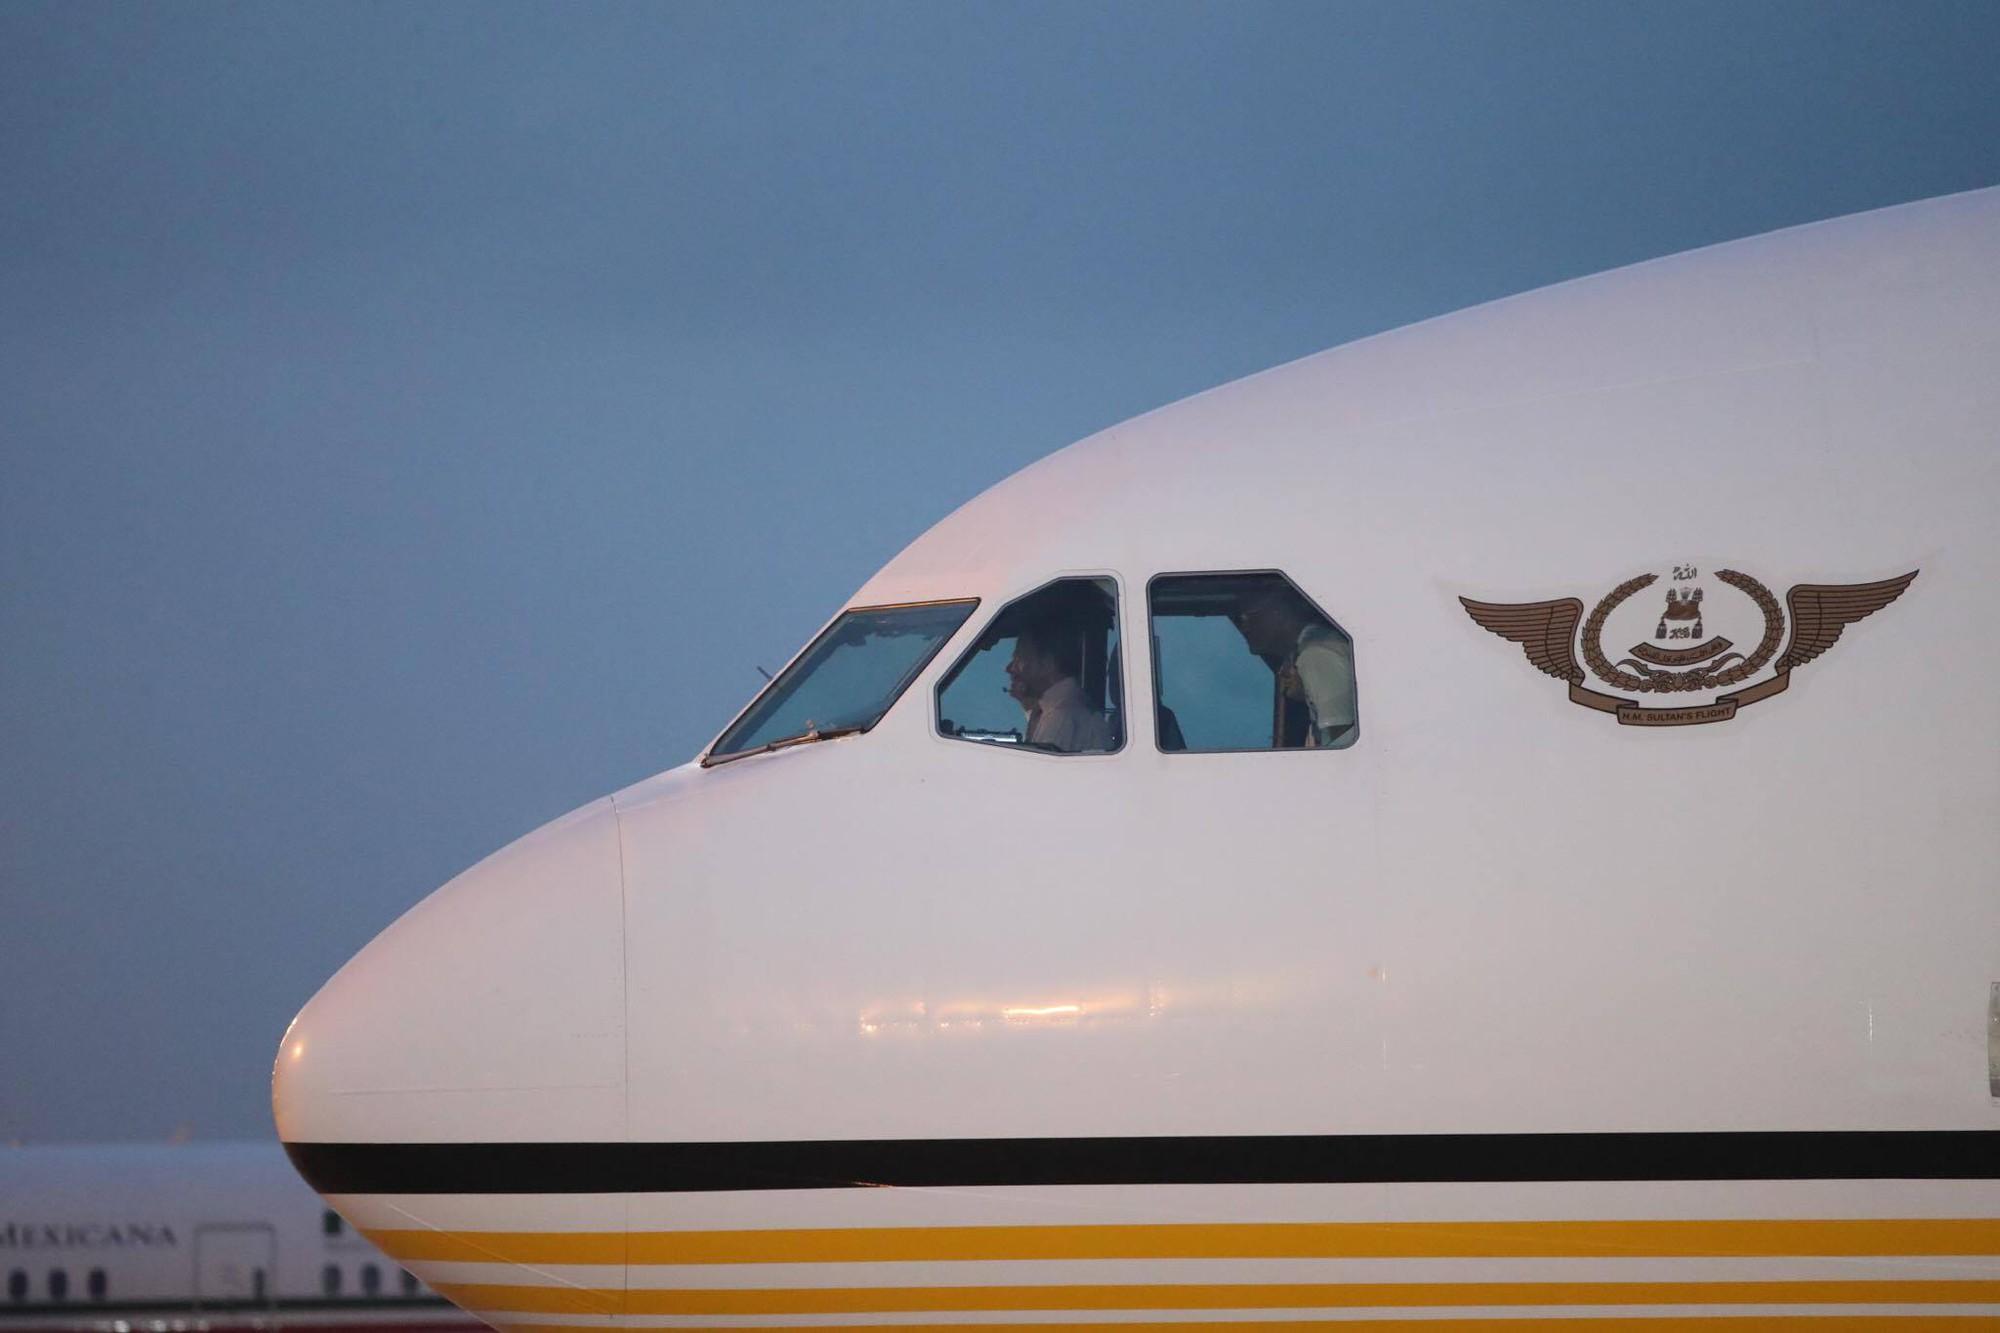 Sultan of Brunei captains private jet to APEC summit in Vietnam